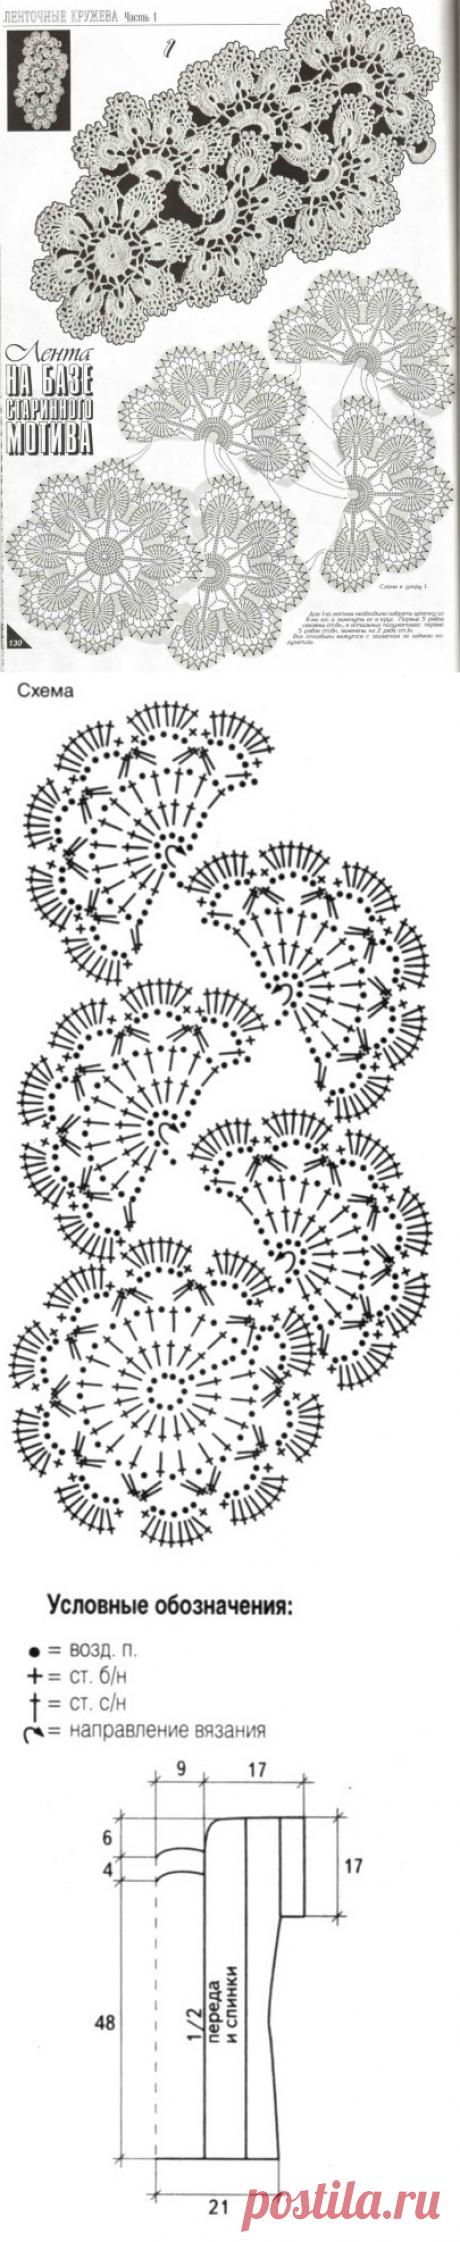 Ленточное вязание | Записи в рубрике Ленточное вязание | Дневник VitushkinaNA